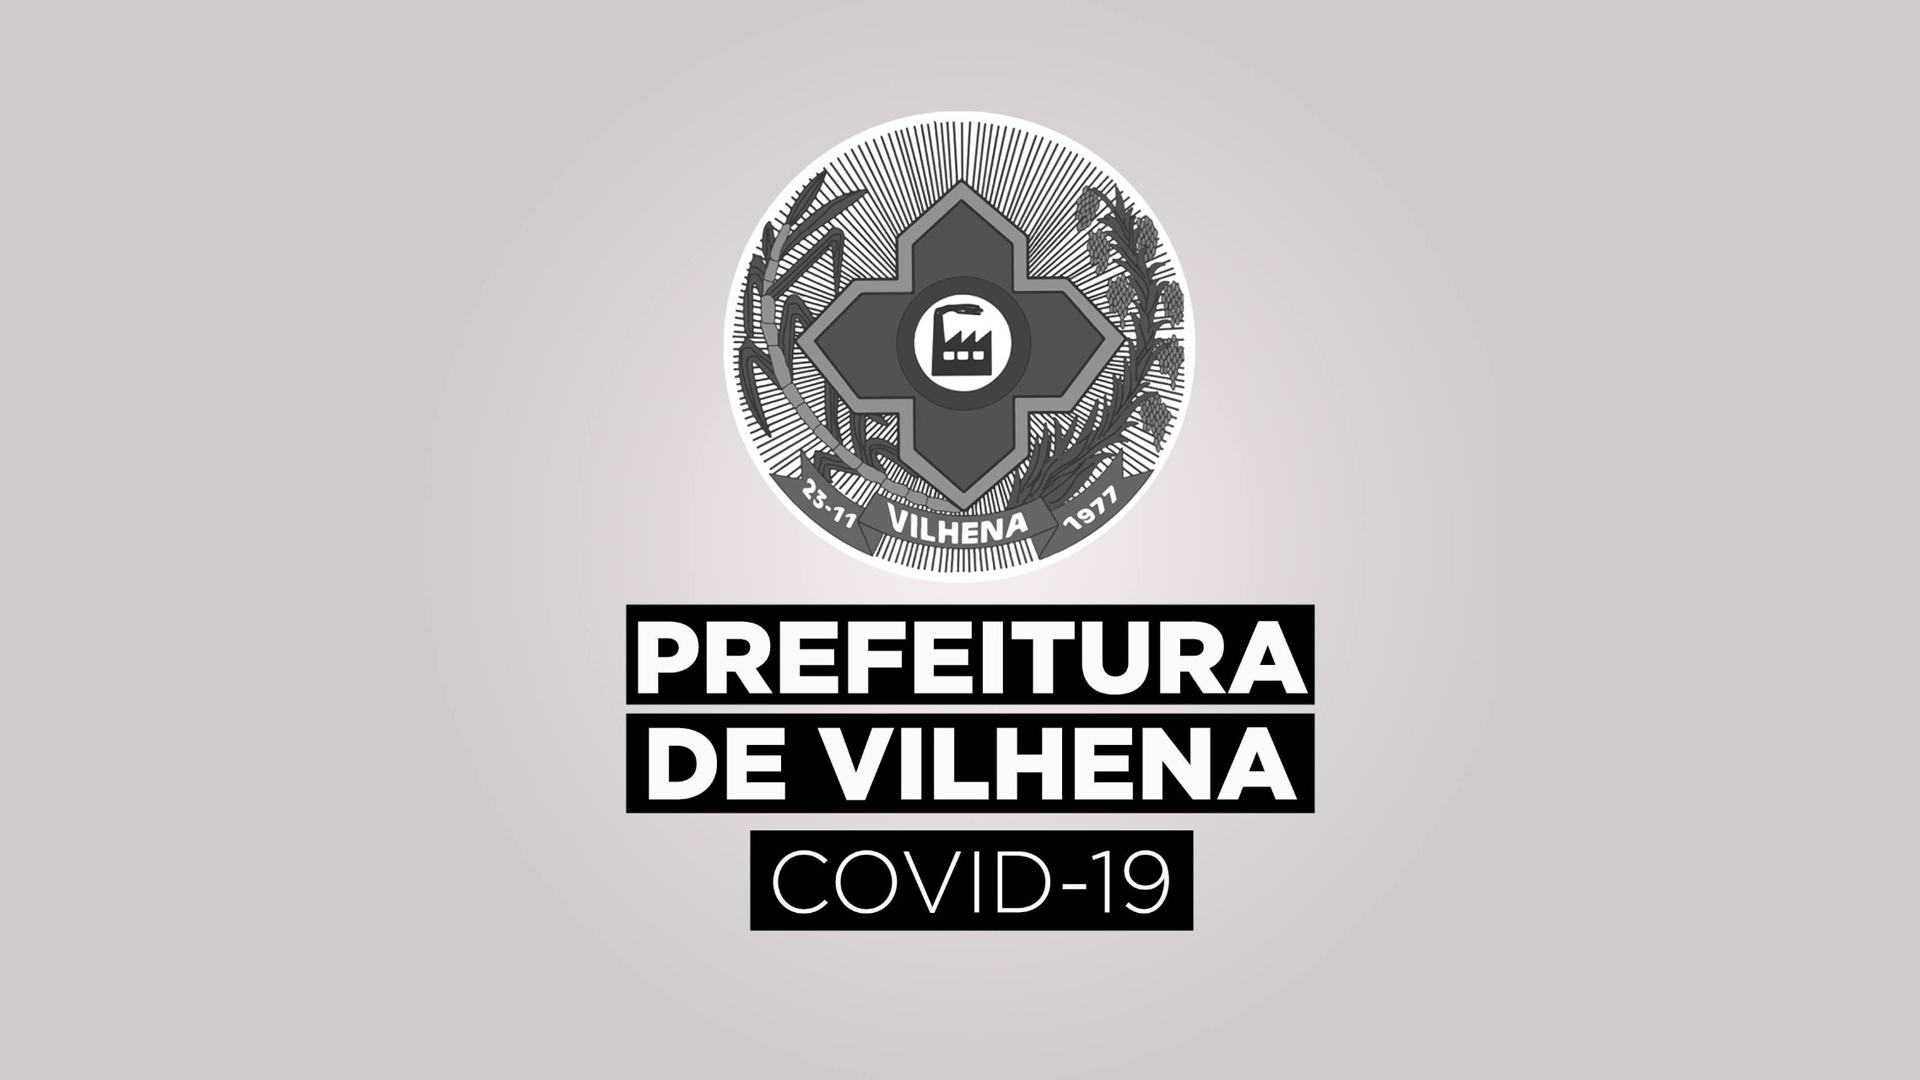 BOLETIM PMV Nº 178 - 09/09/20 - CORONAVÍRUS (COVID-19)